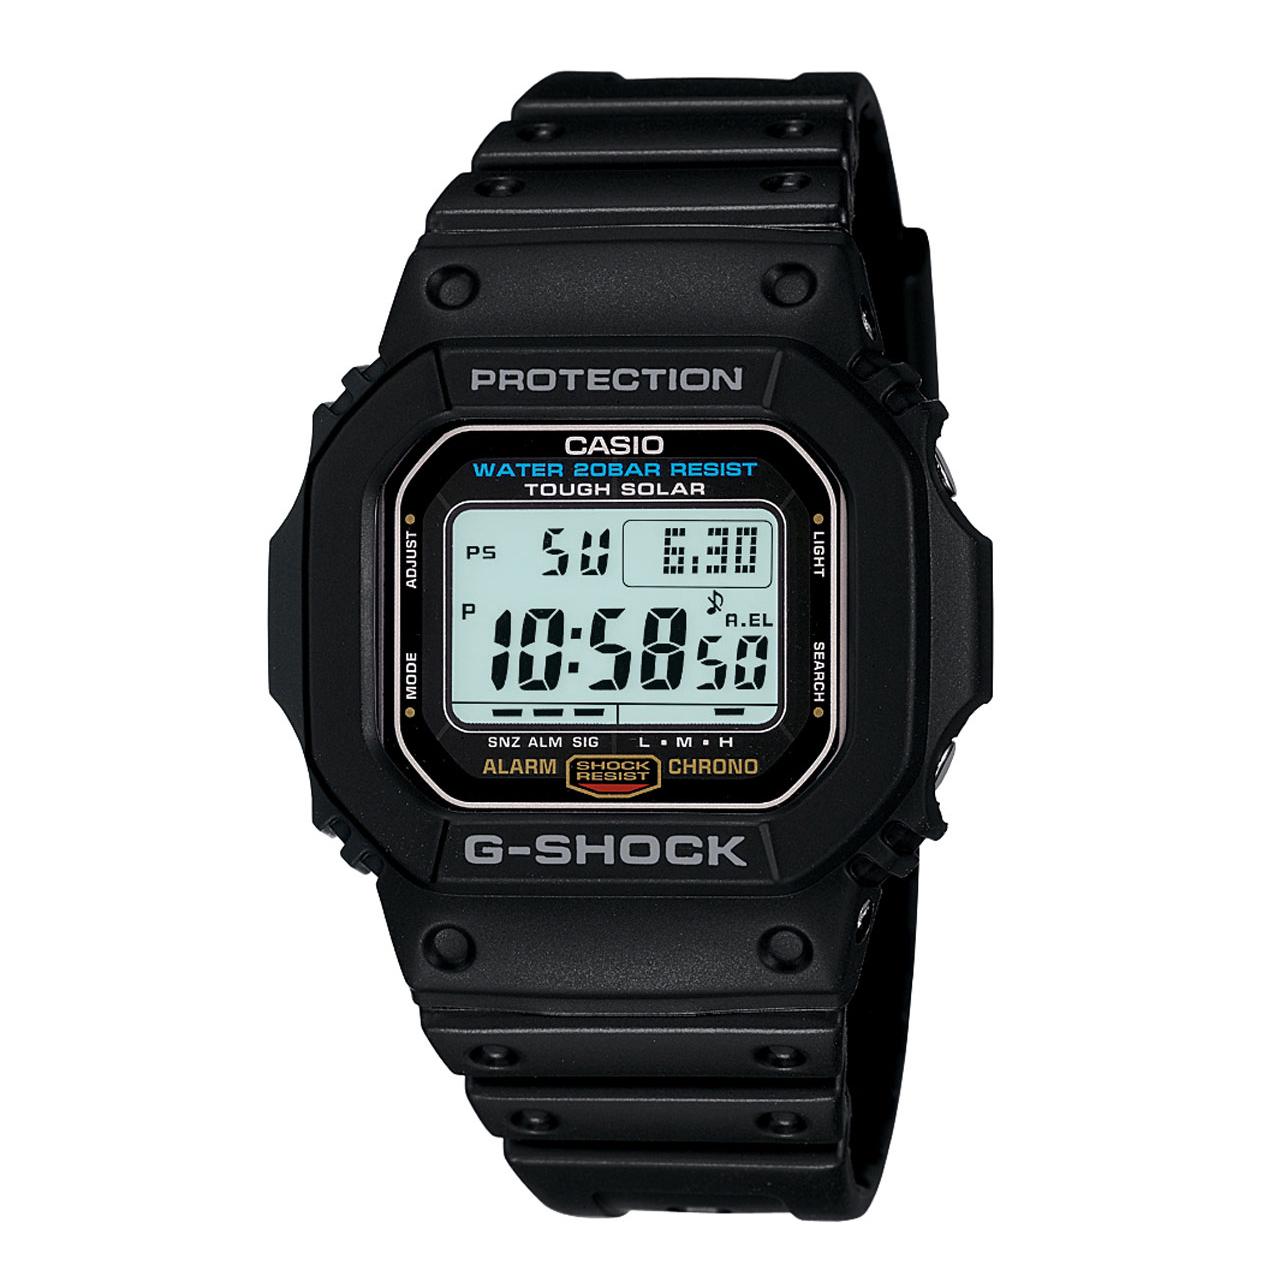 ساعت مچی دیجیتالی مردانه کاسیو جی شاک مدل G-5600E-1DR